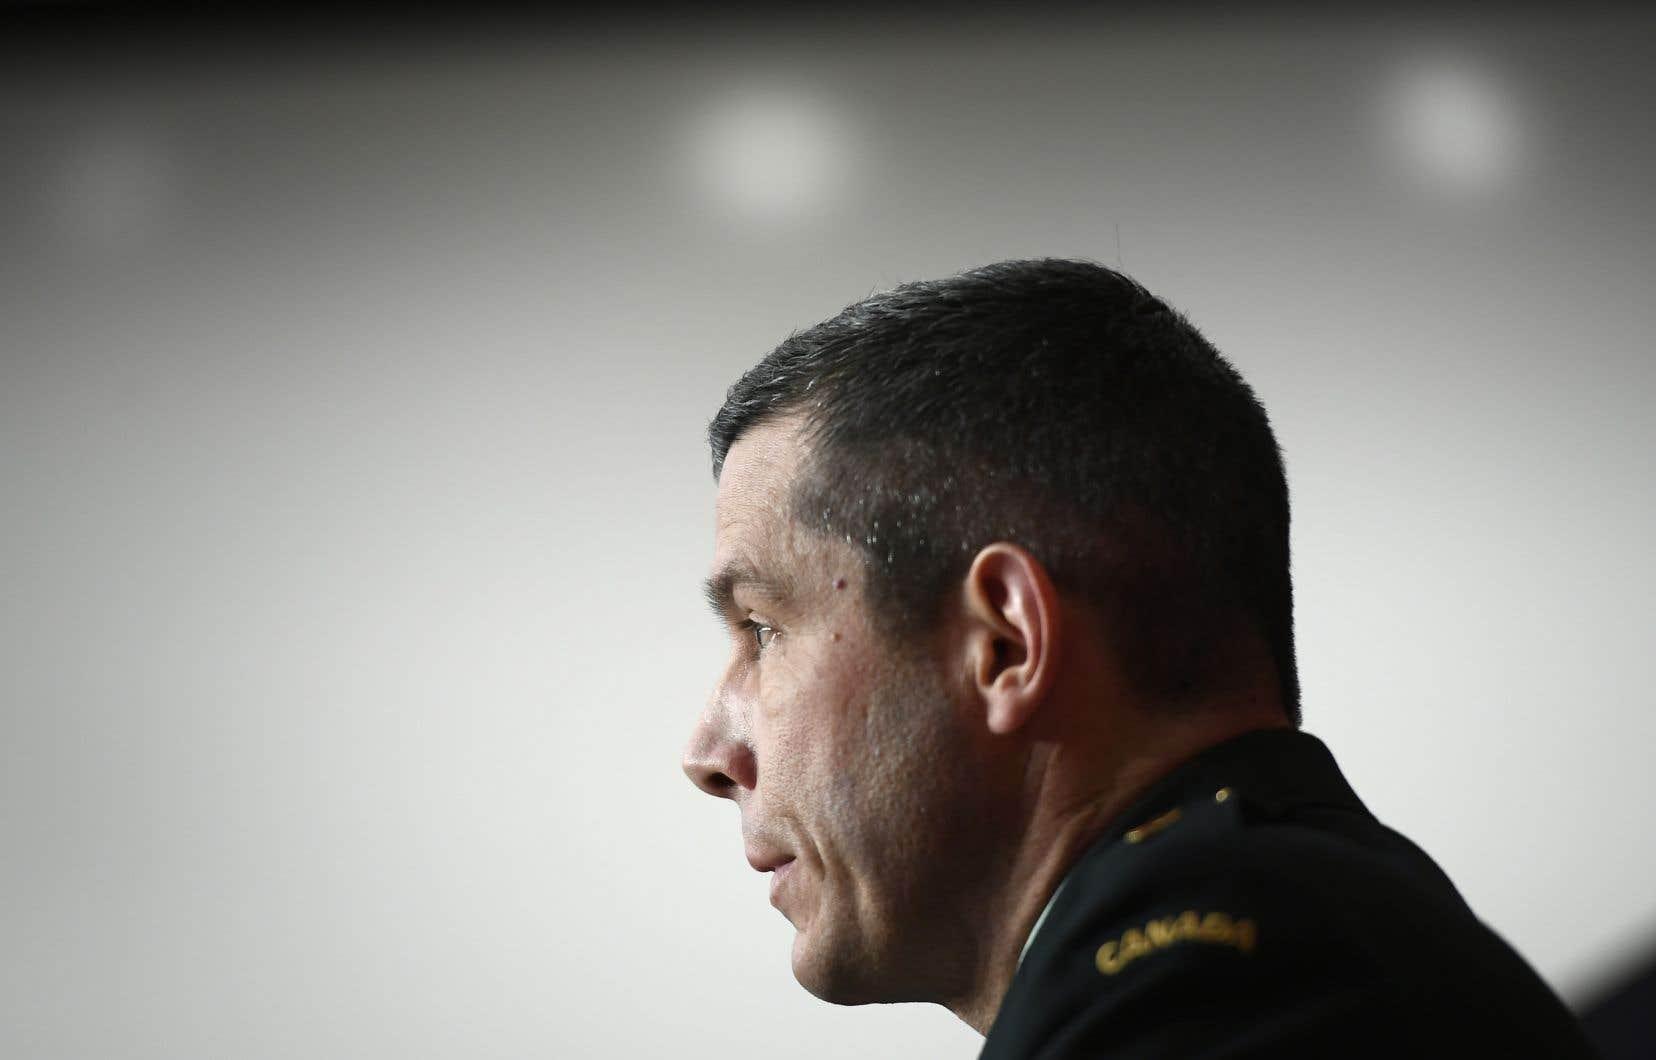 Le Service national des enquêtes des Forces canadiennes confirmeque l'enquête porte sur une allégation d'inconduite sexuelle contre le major général Dany Fortin.